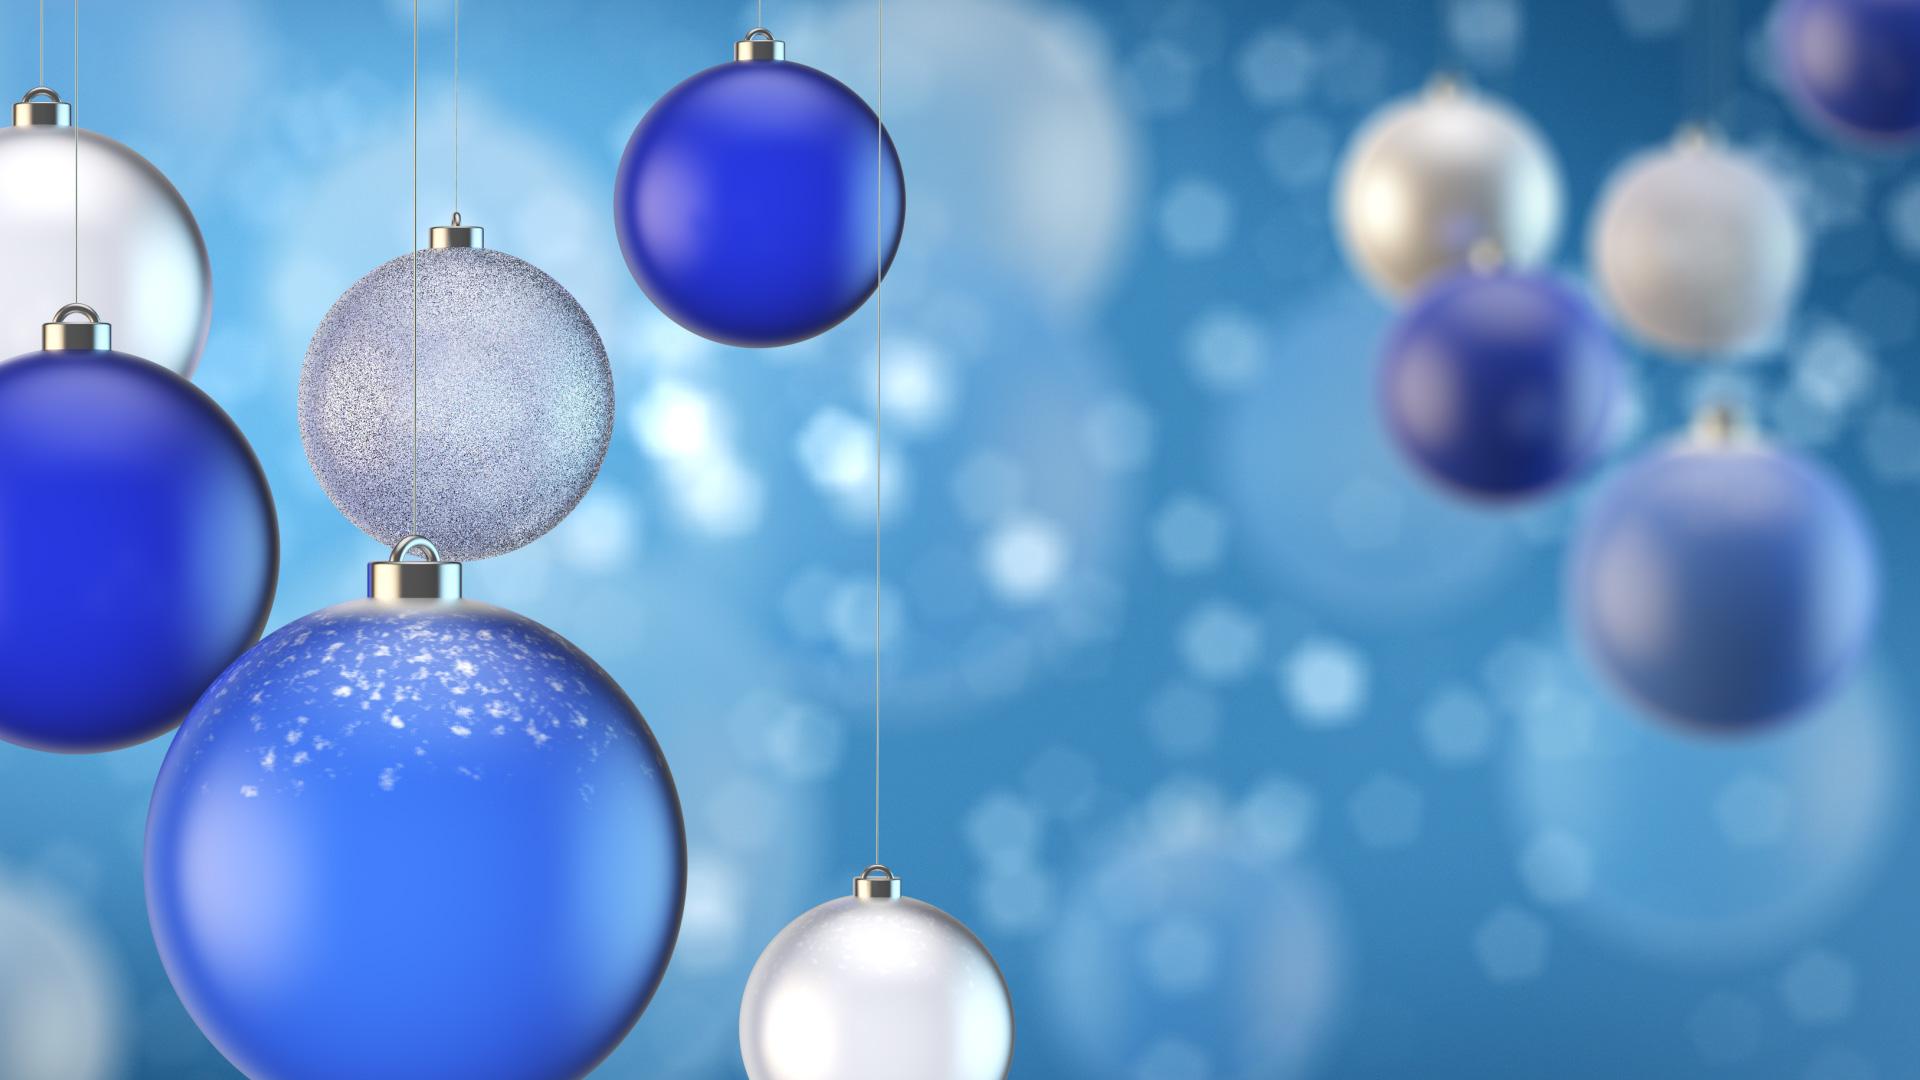 ChristmasLoop-02-16x9.jpg